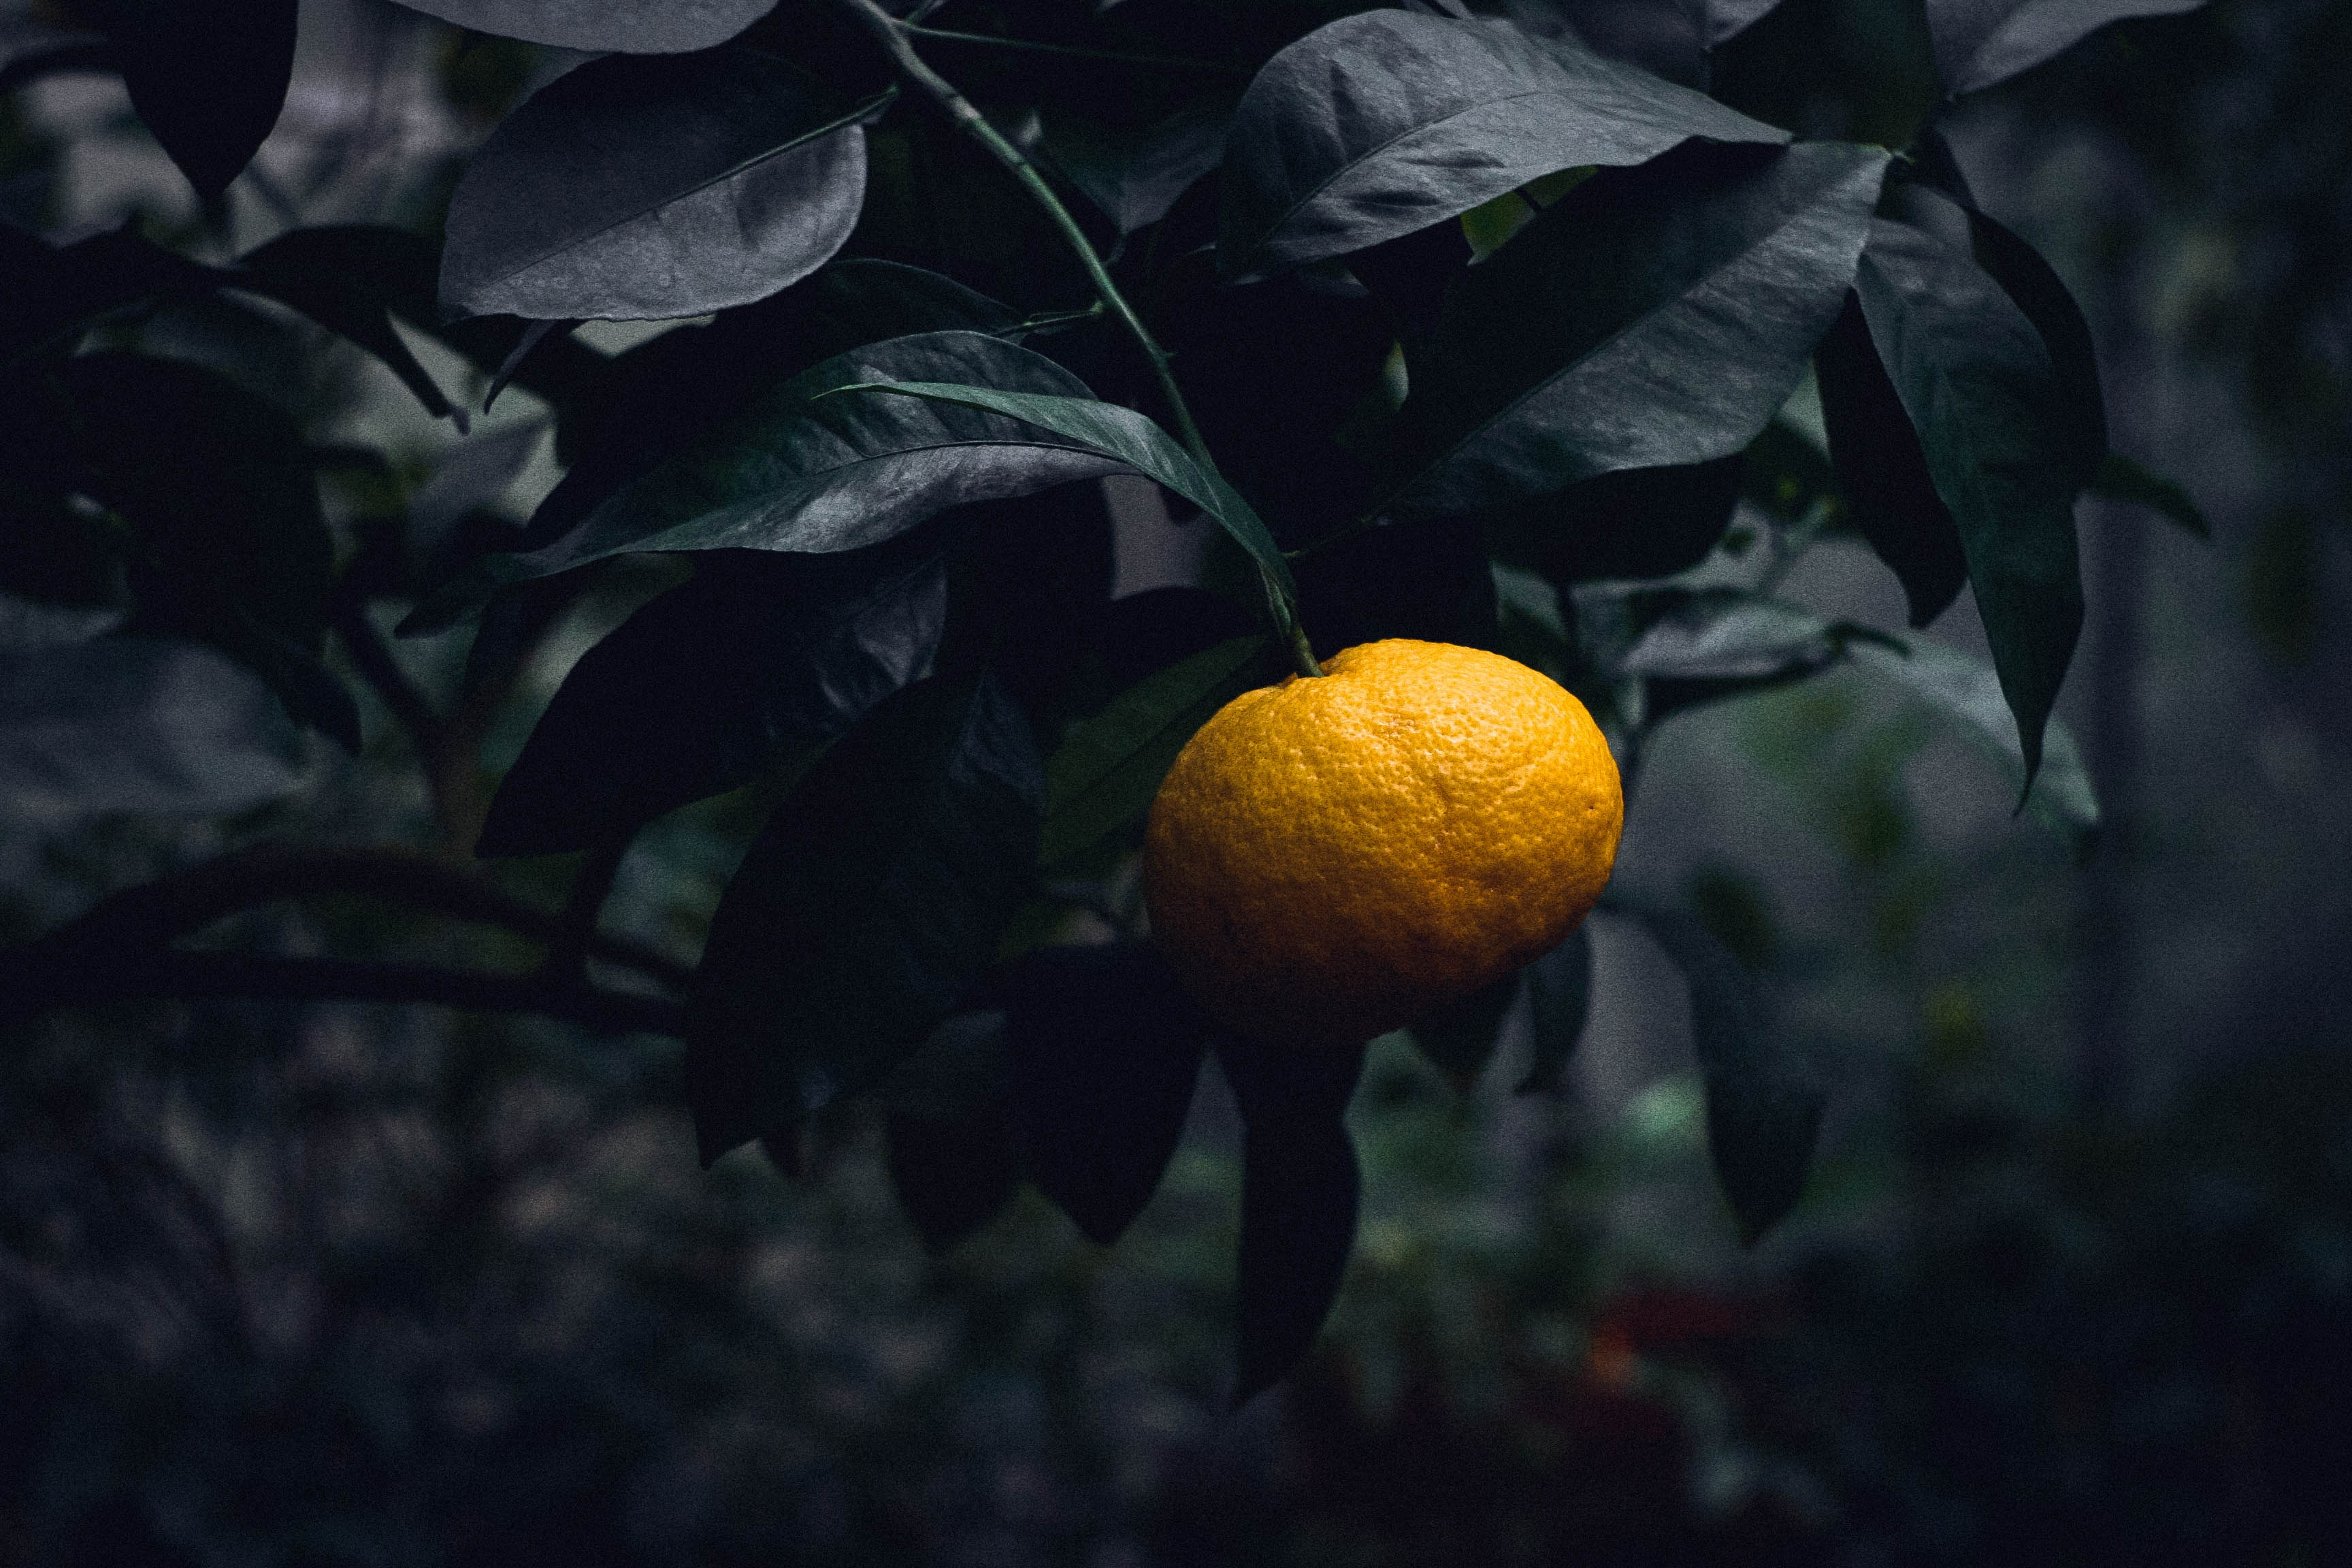 144263 Salvapantallas y fondos de pantalla Comida en tu teléfono. Descarga imágenes de Comida, Mandarín, Mandarina, Agrios, Citrus, Rama, Feto, Fruta gratis